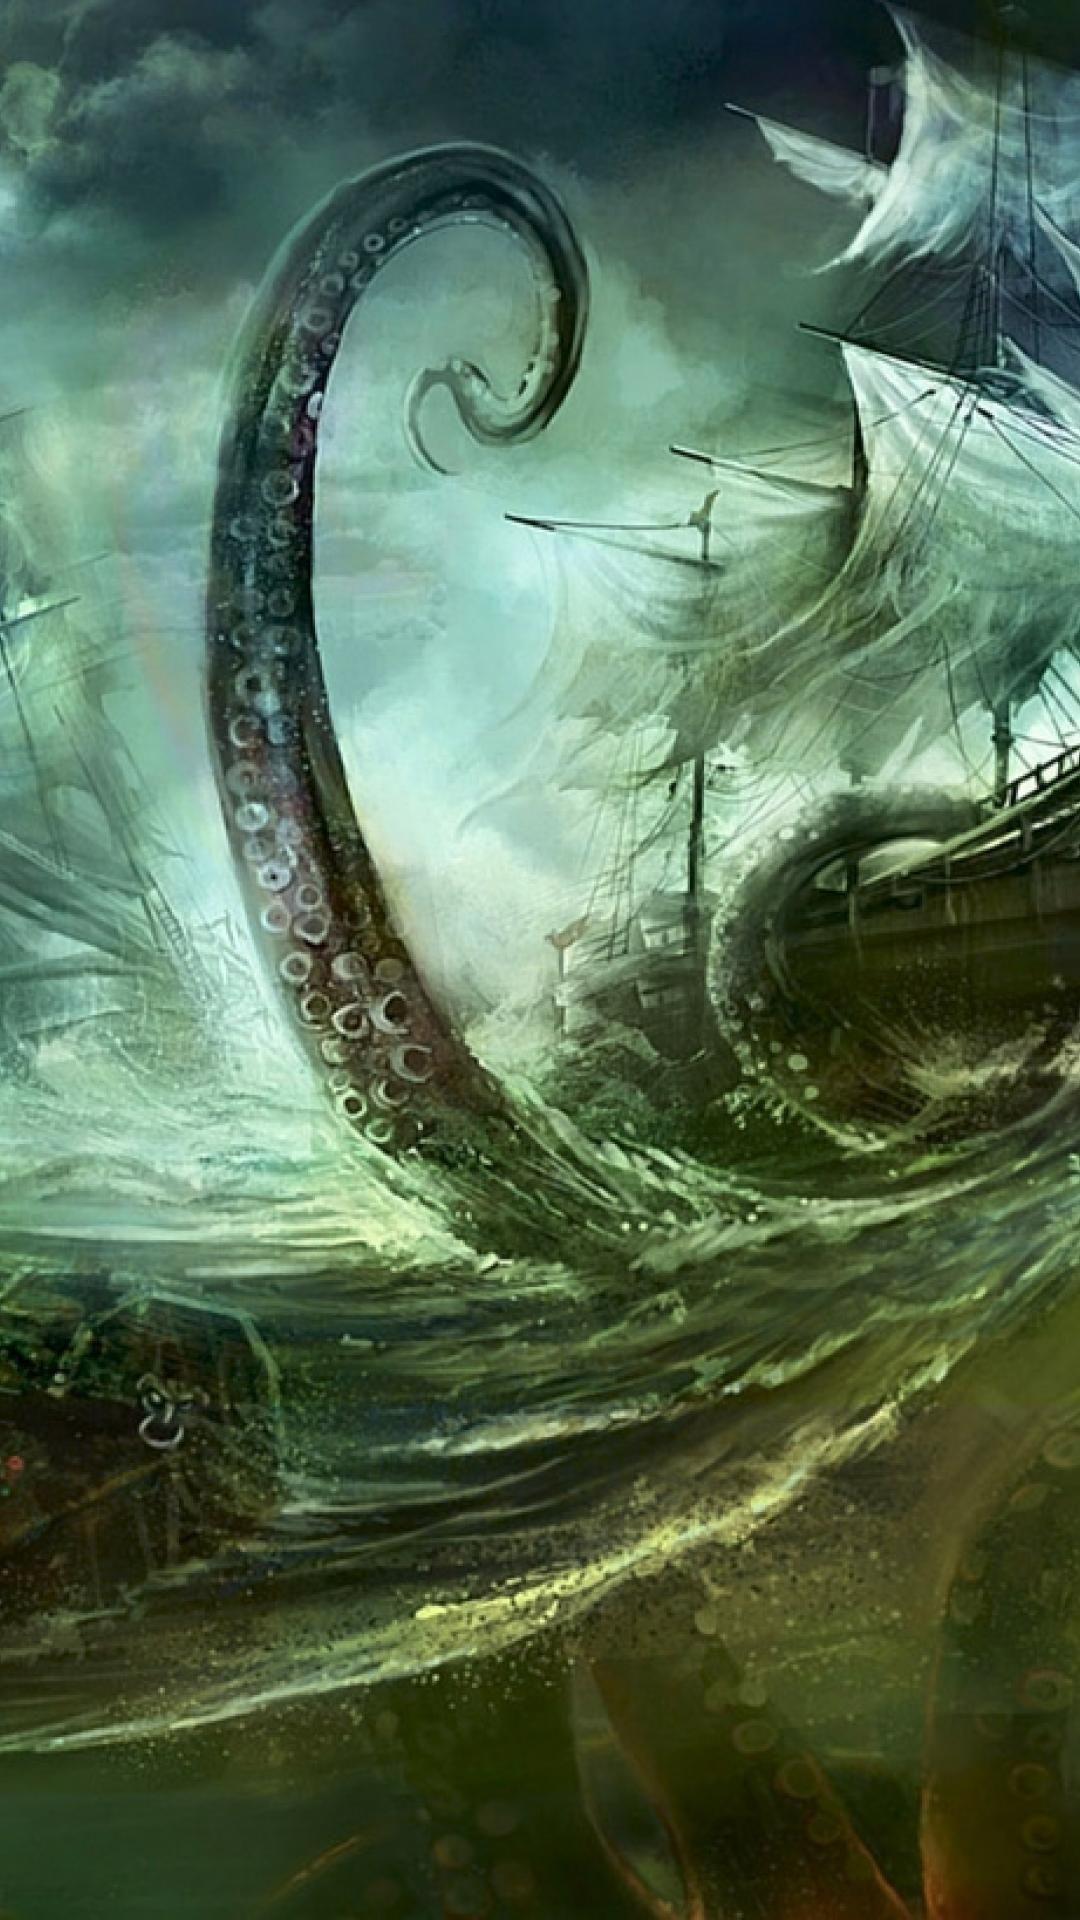 kraken wallpaper wallpapers jhonyvelascojpg - photo #24